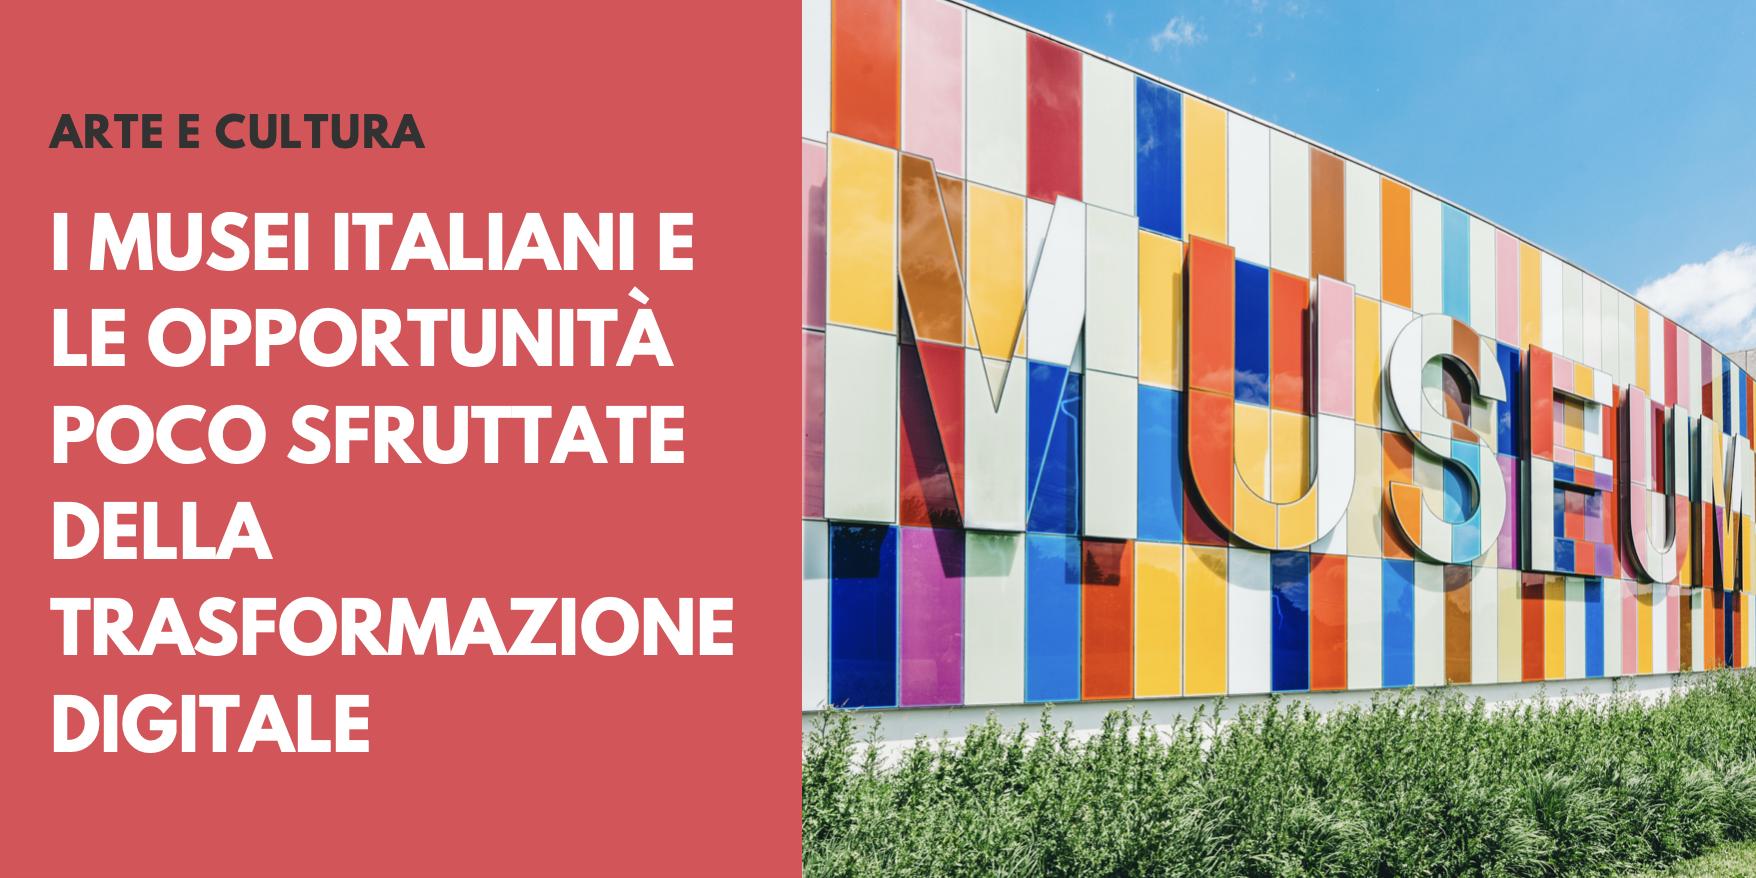 I Musei Italiani e le opportunità poco sfruttate della trasformazione digitale